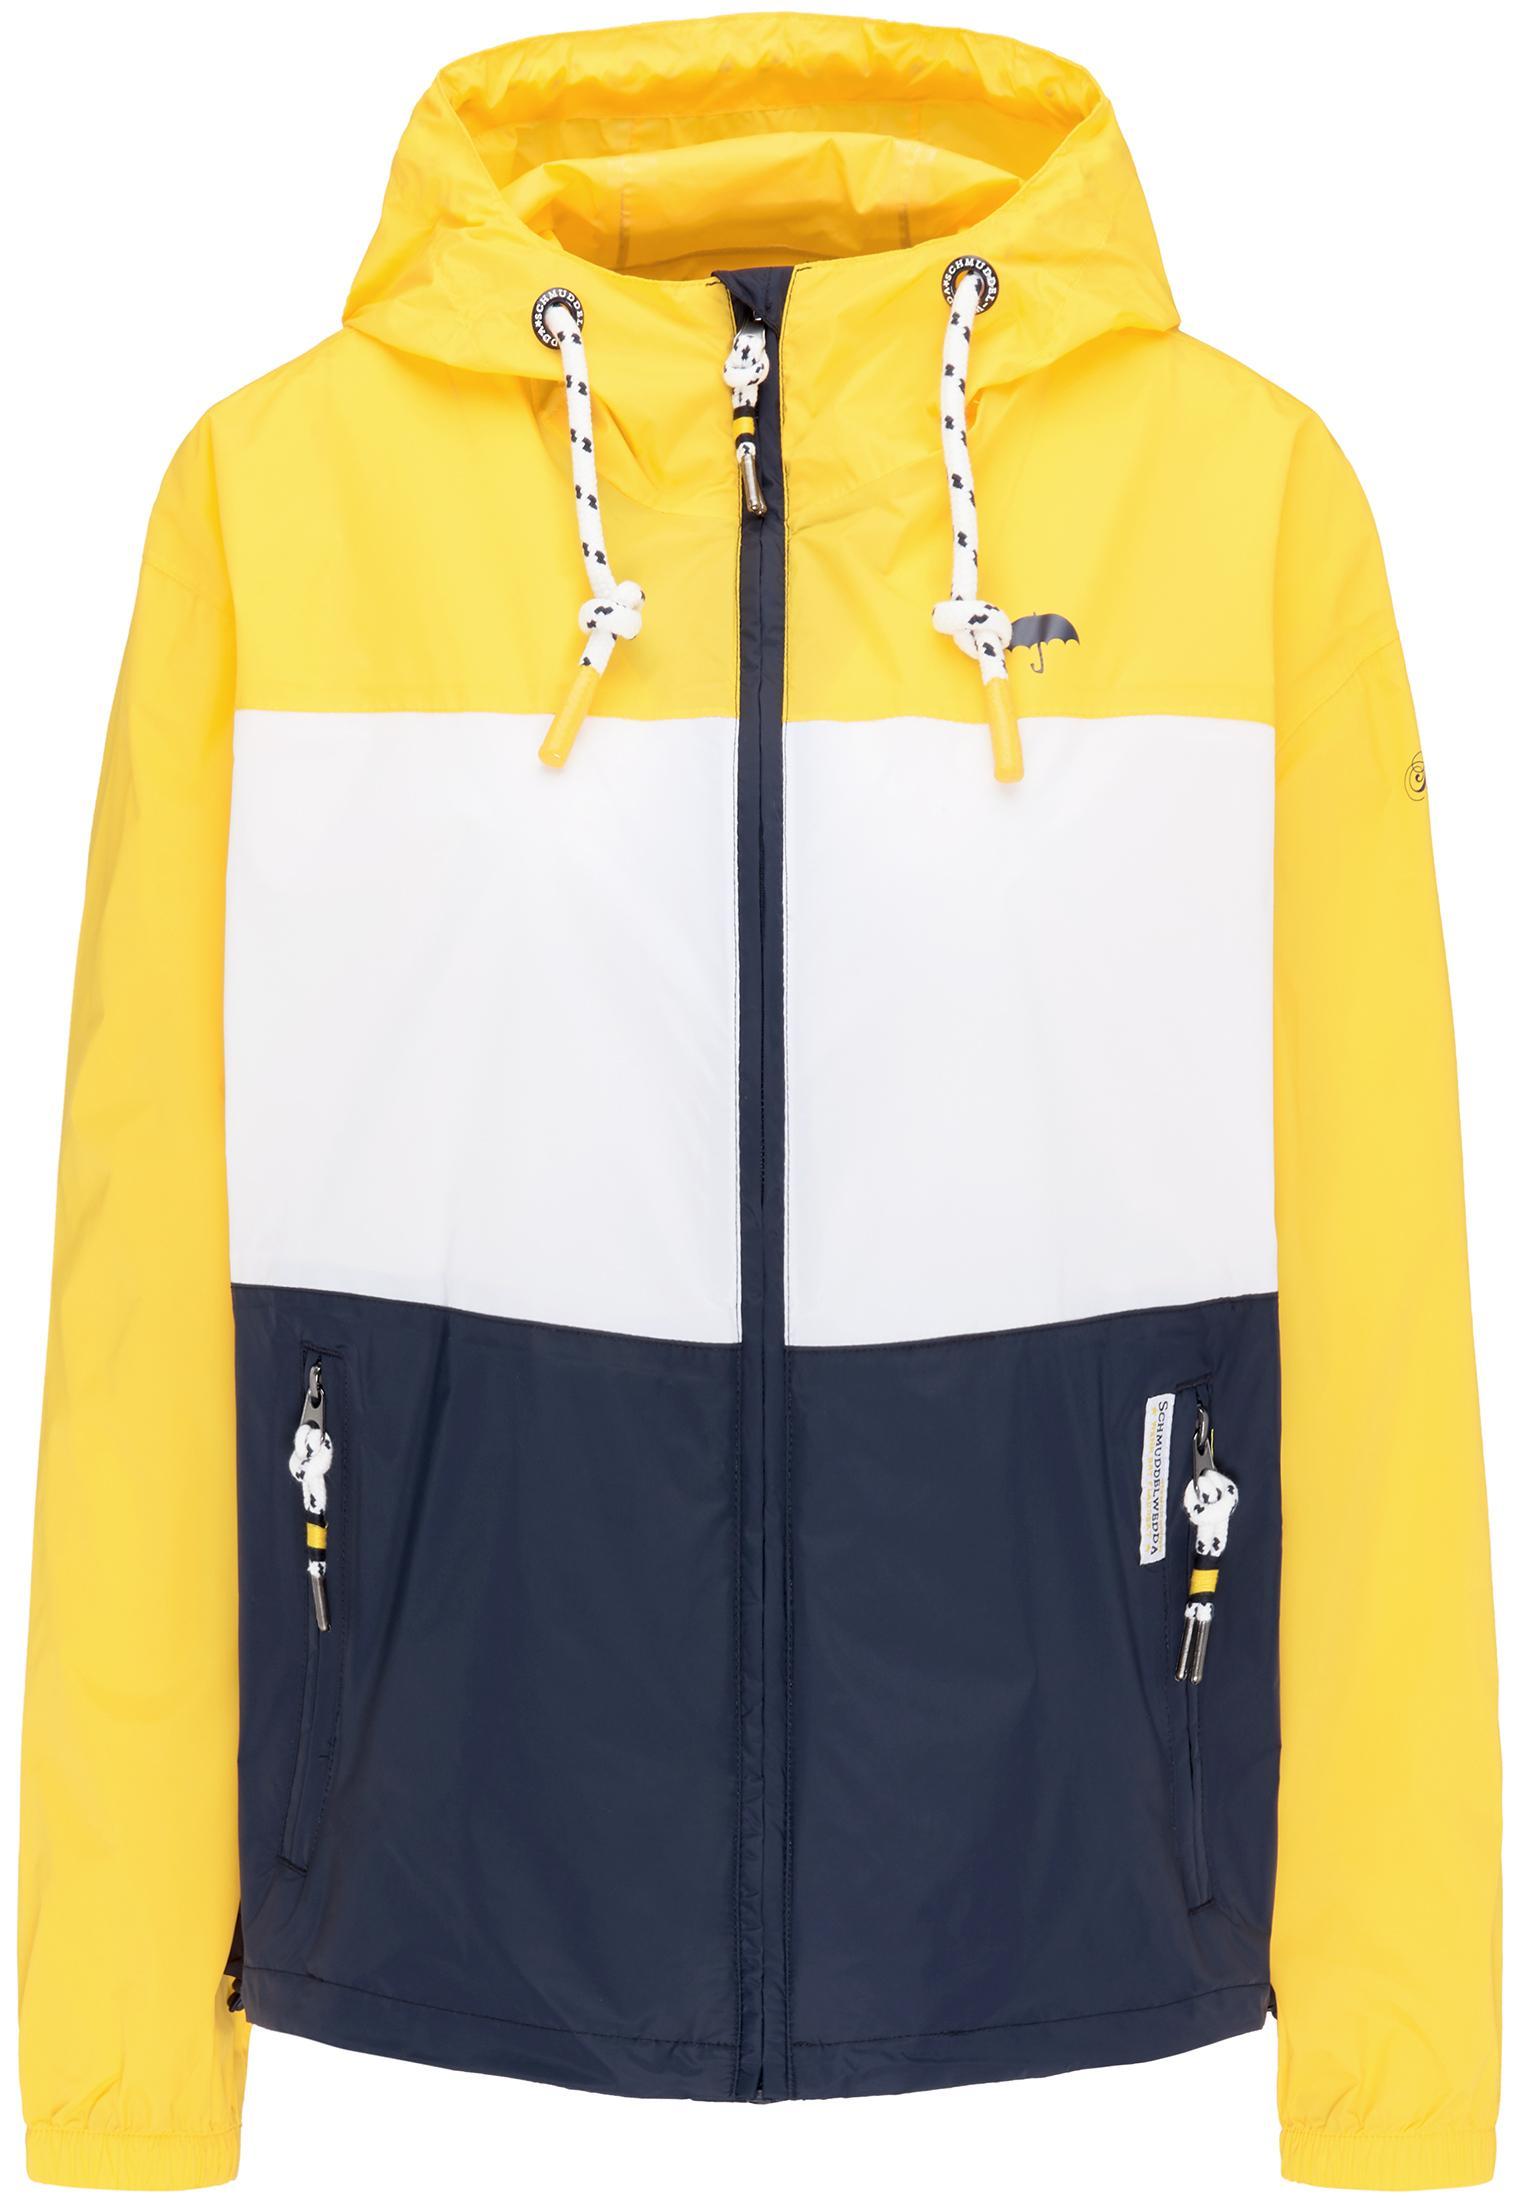 schmuddelwedda kurzjacke damen gelb c block im online shop von sportscheck kaufen  bekleidung damen jacken c 1_7 #4